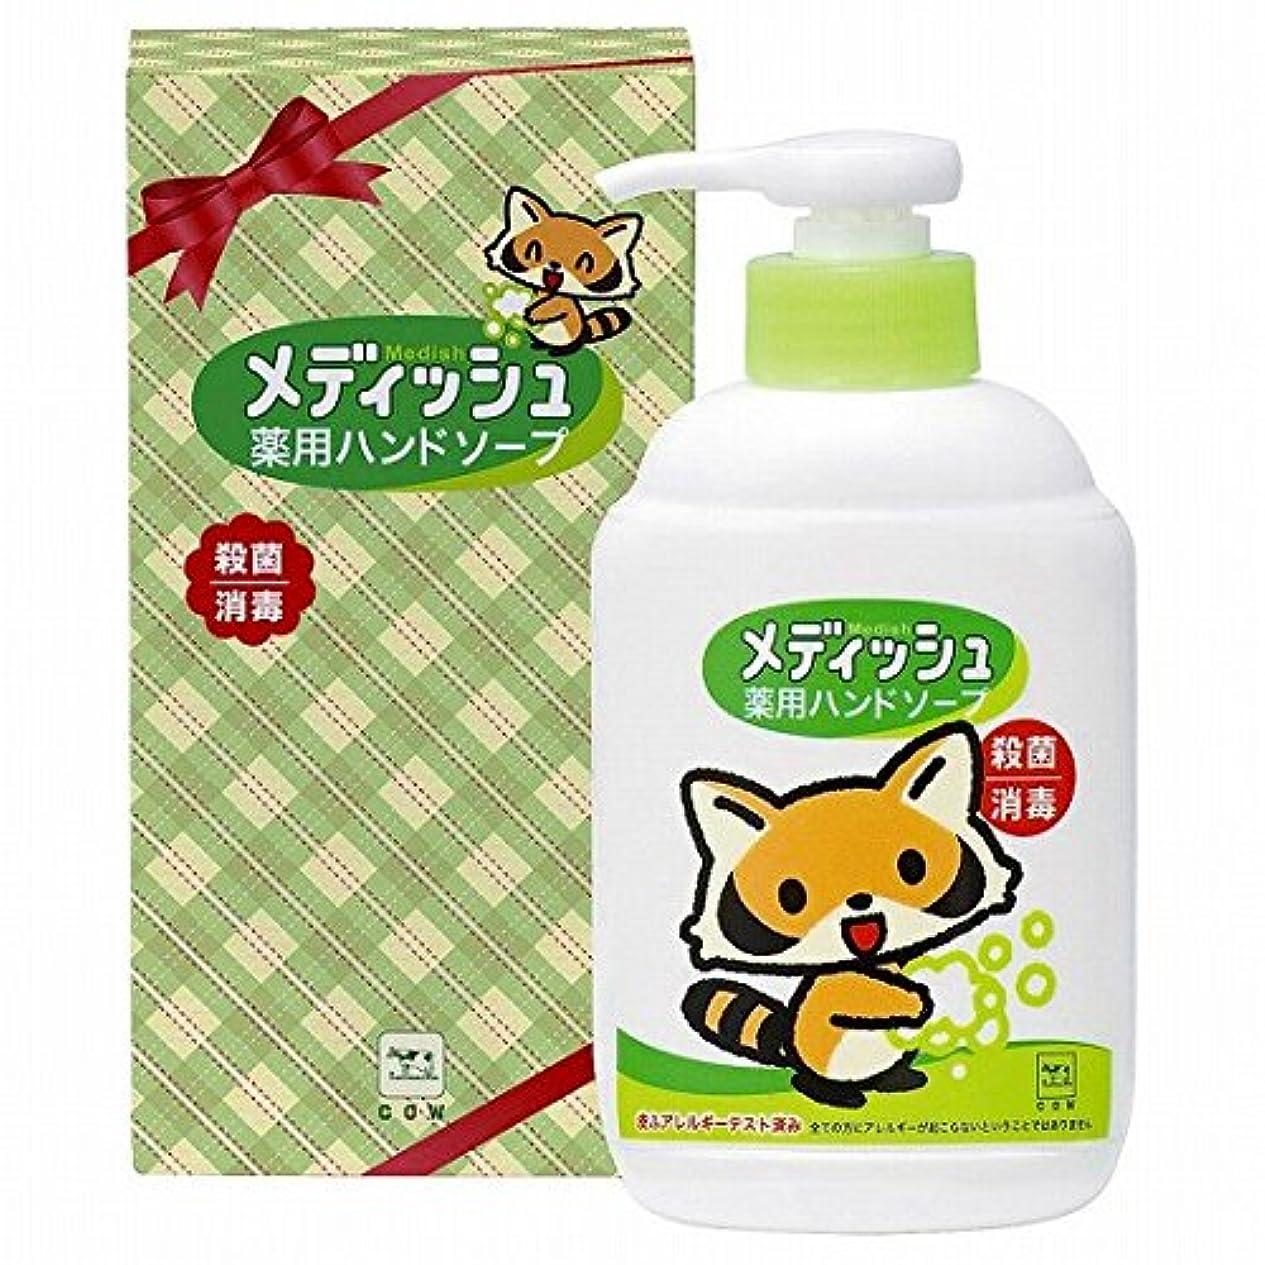 マーベルキウイ引き算nobrand 牛乳石鹸 メディッシュ 薬用ハンドソープ 250ml 箱入(MS35)